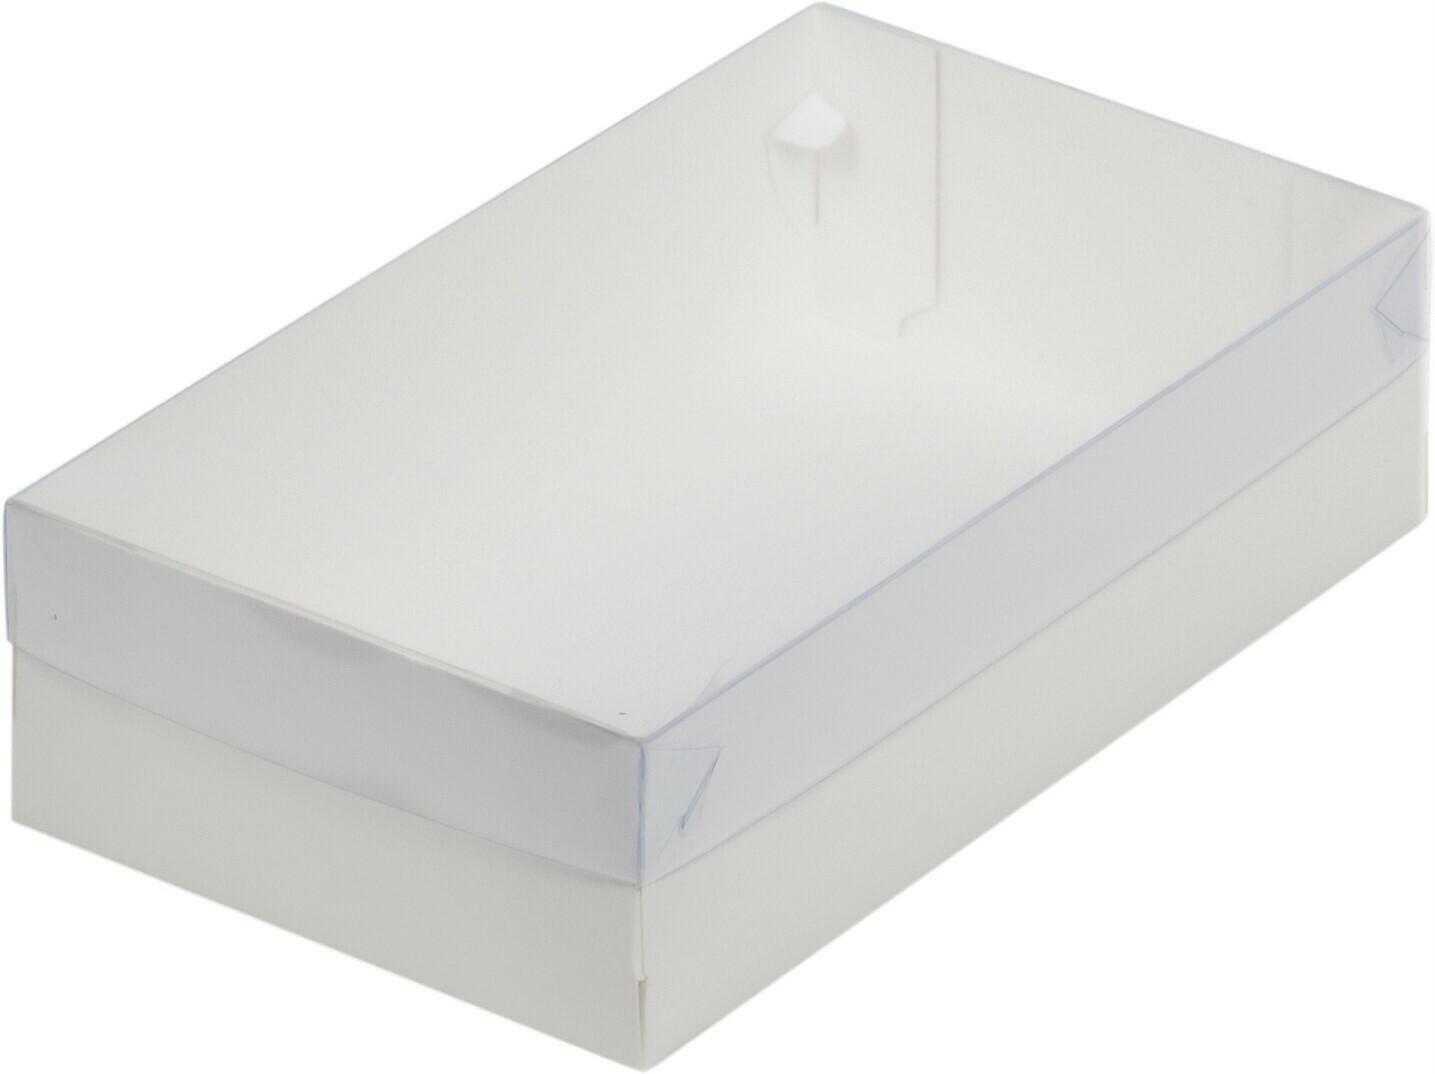 Коробка для зефира и пирожных с пластиковой крышкой 250*150*70 мм (белая)